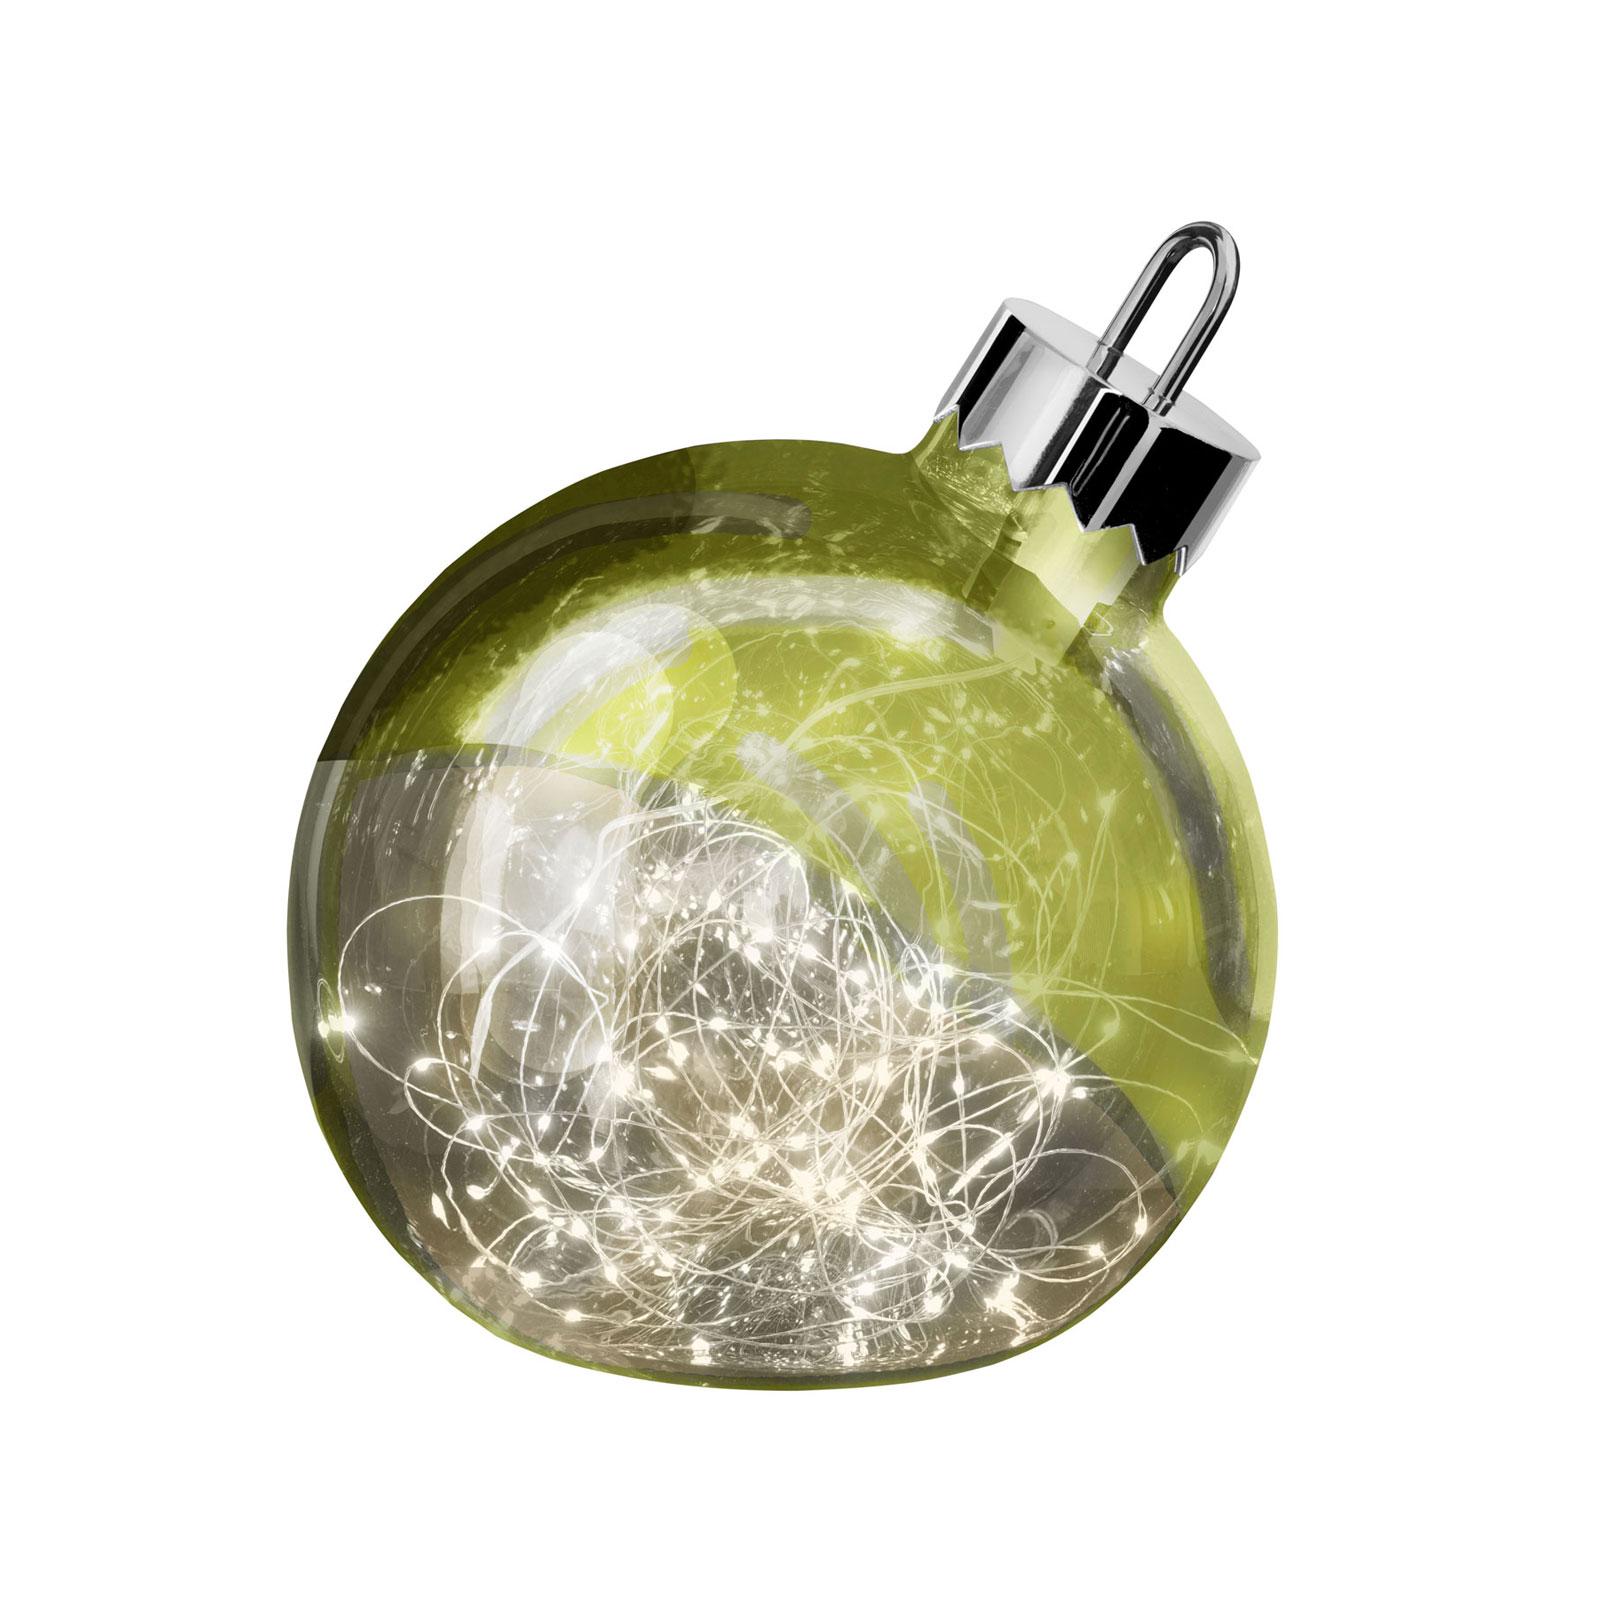 Dekoleuchte Ornament, grün, Ø 25 cm